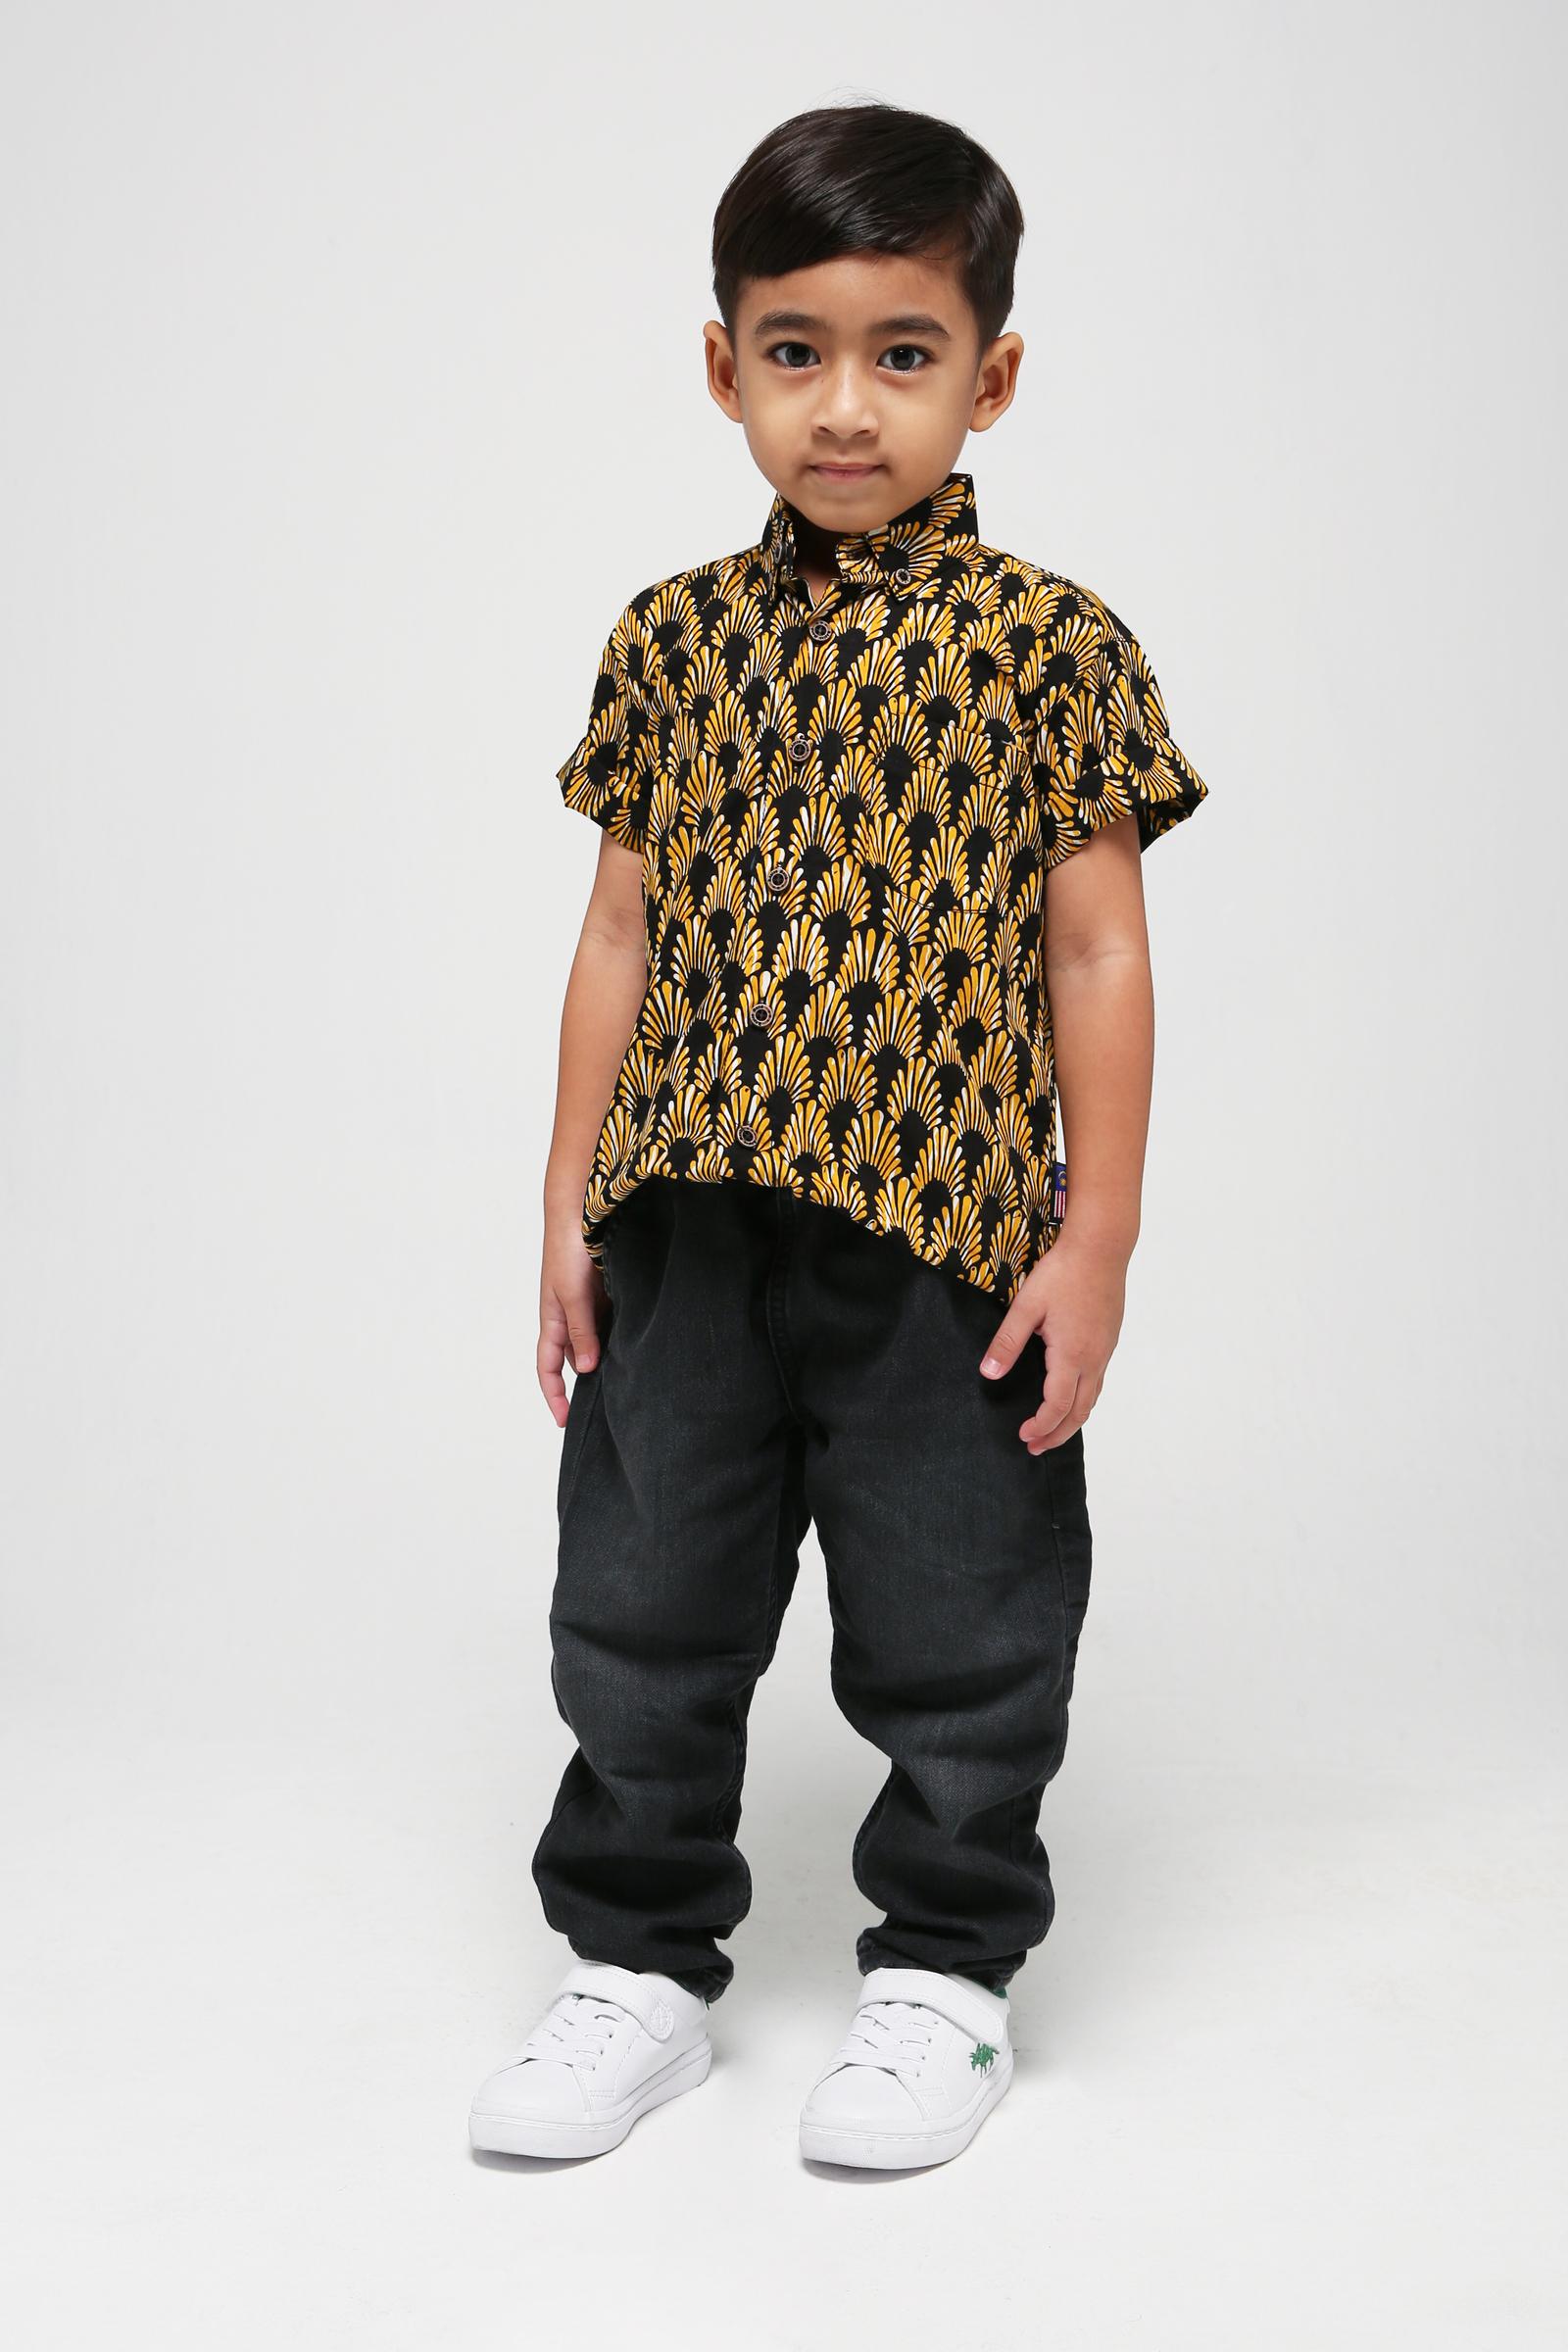 Catalog Kids-4.jpg